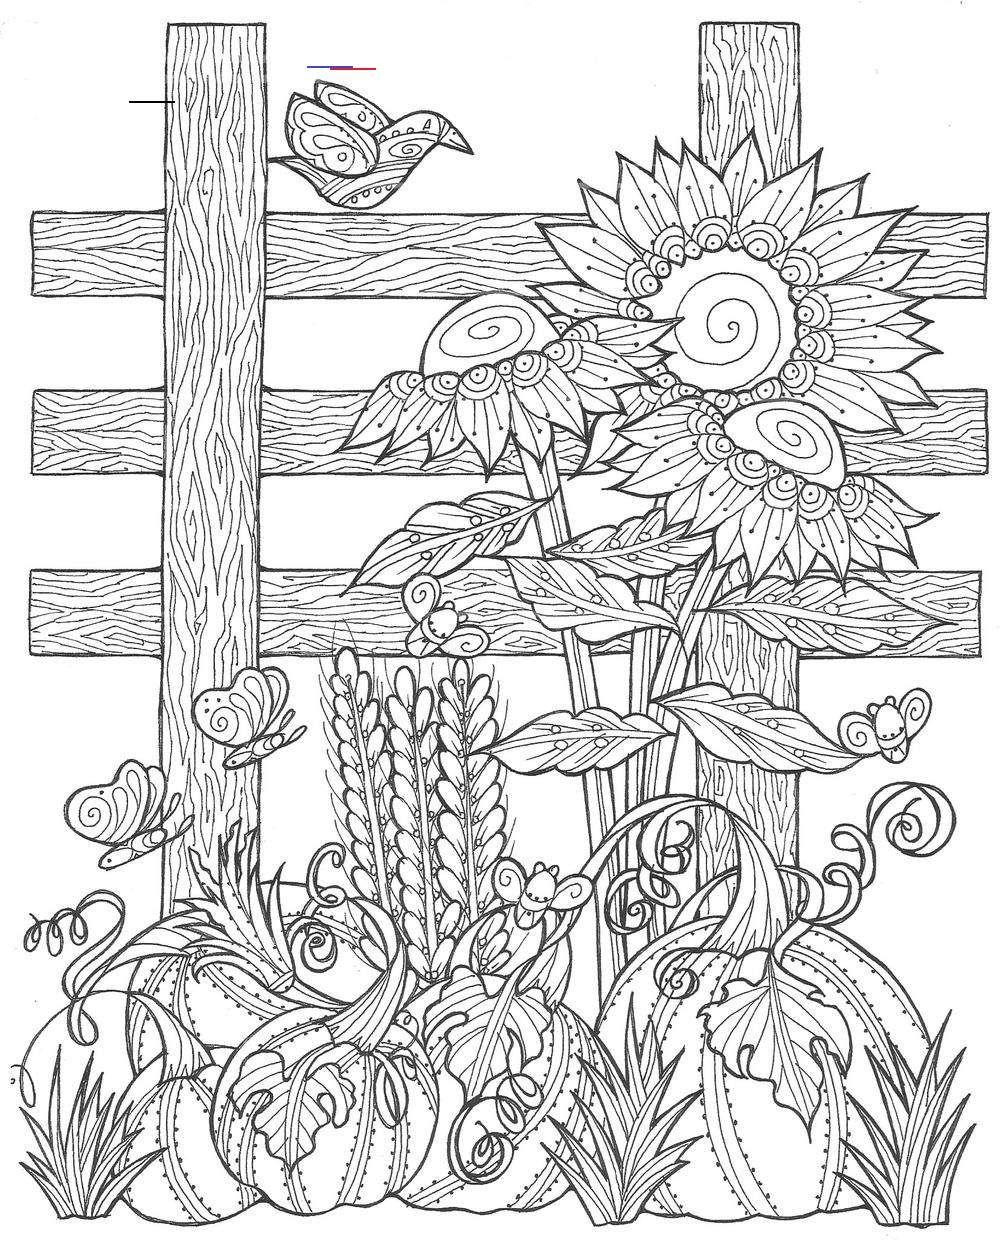 Sunflower Pumpkin Patch Coloring Page Coloringpagestoprint Love Pumpkins And Su In 2020 Herbst Ausmalvorlagen Kurbis Malvorlage Kostenlose Erwachsenen Malvorlagen